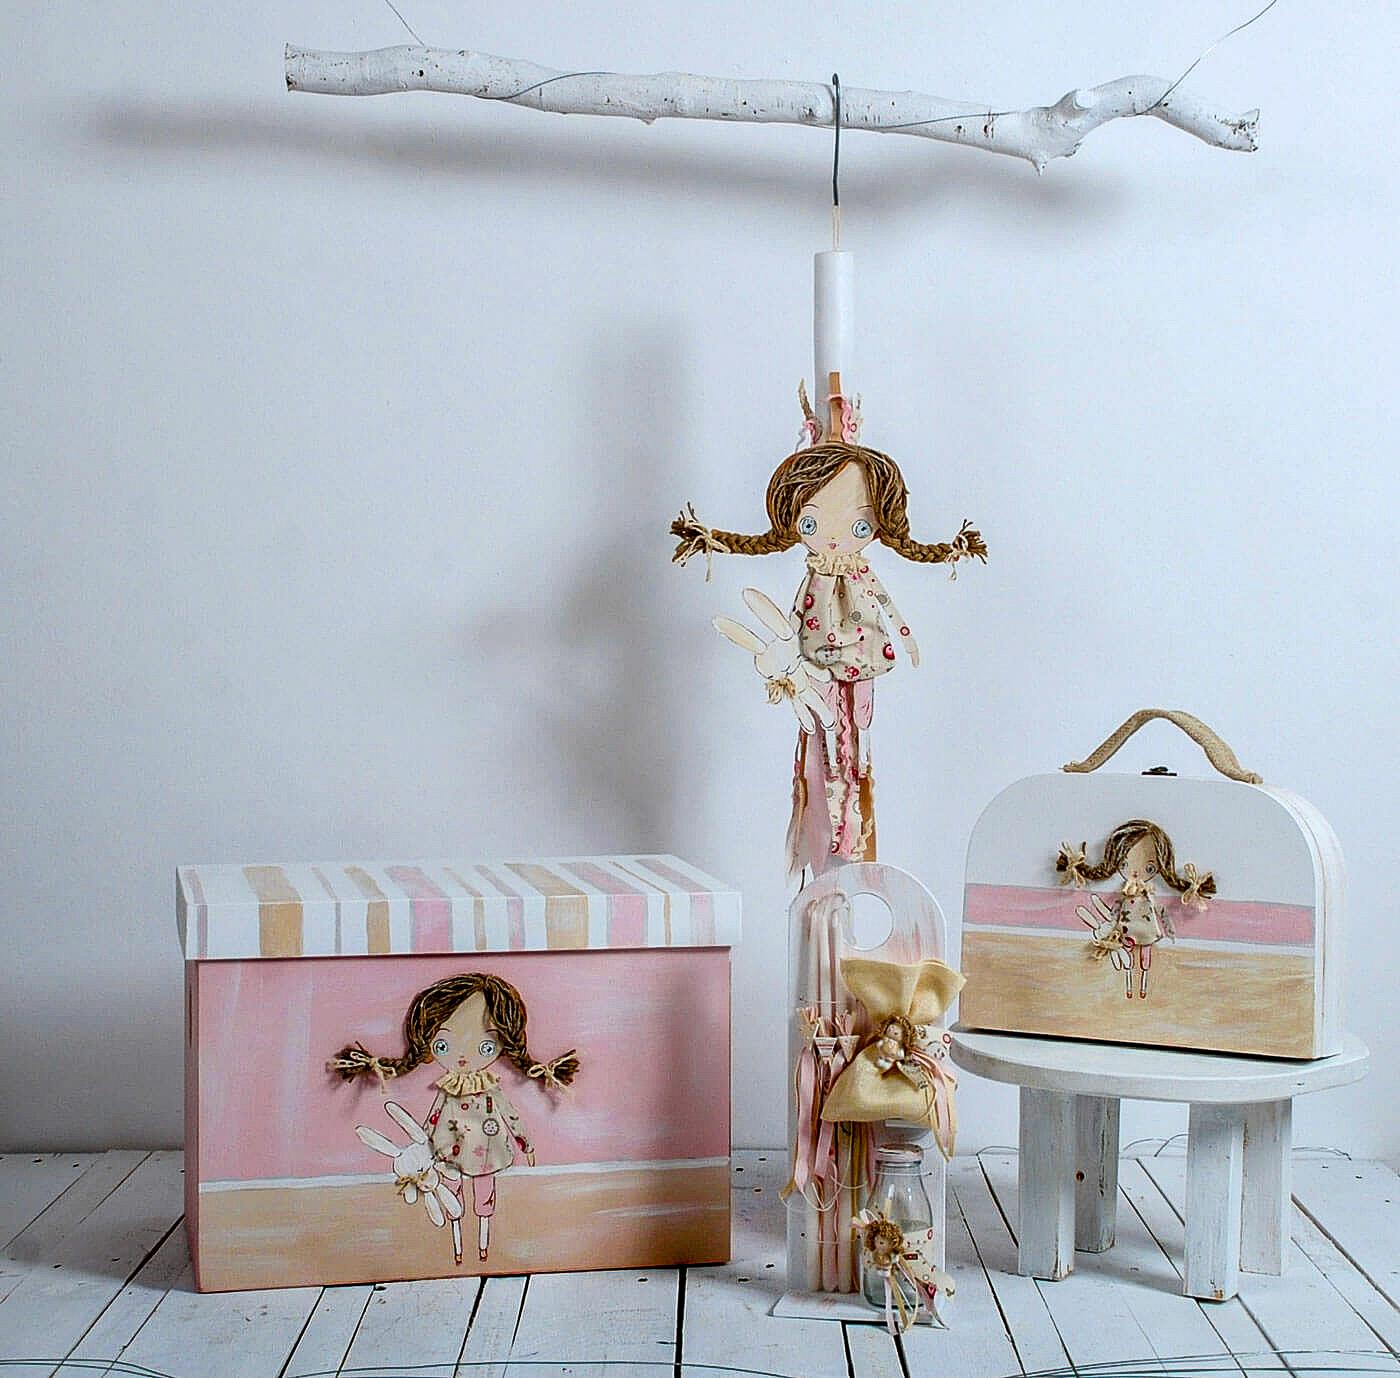 Βαπτιστικό κουτί με φορετό καπάκι σε παστέλ τόνους του ροζ και του μπεζ διακοσμημένο με πάνινη κούκλα. Το σετ συμπληρώνει αρμονικά η λευκή βαπτιστική λαμπάδα, το λαδοσέτ και το μίνι βαλιτσάκι. Η πάνινη κούκλα είναι το βασικό στοιχείο διακόσμησης σε αυτό το βαπτιστικό σετ για κορίτσια.